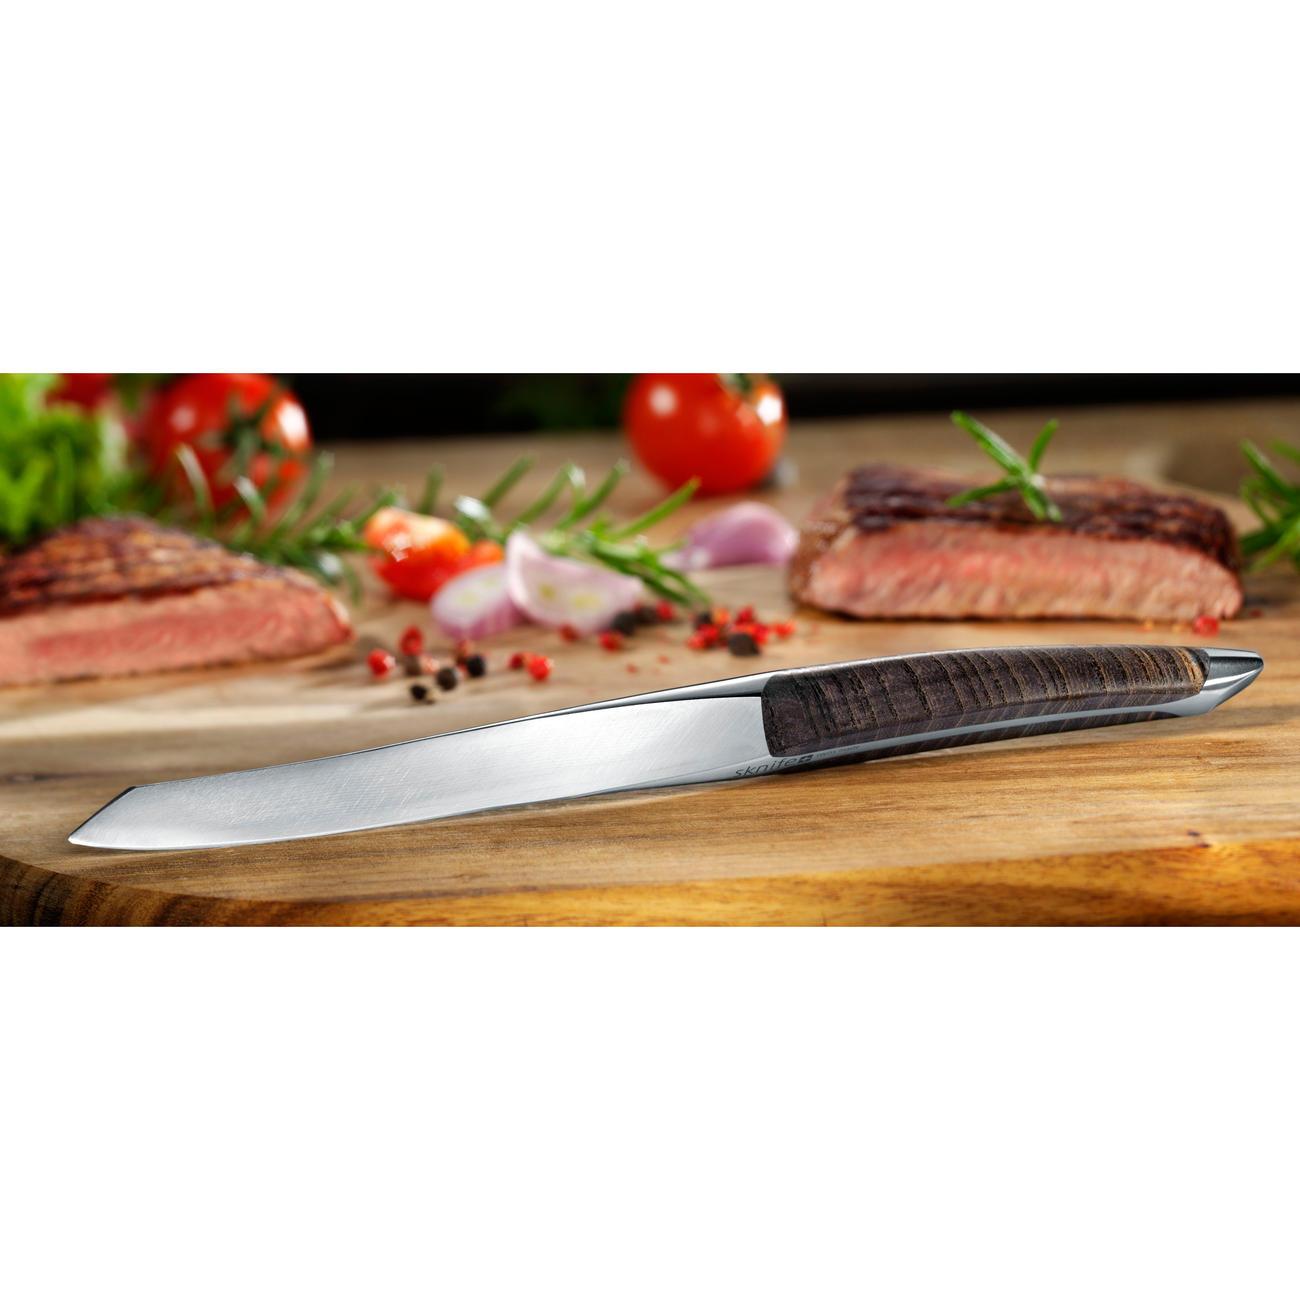 steakmesser sknife eschenholz mit 3 jahren garantie. Black Bedroom Furniture Sets. Home Design Ideas